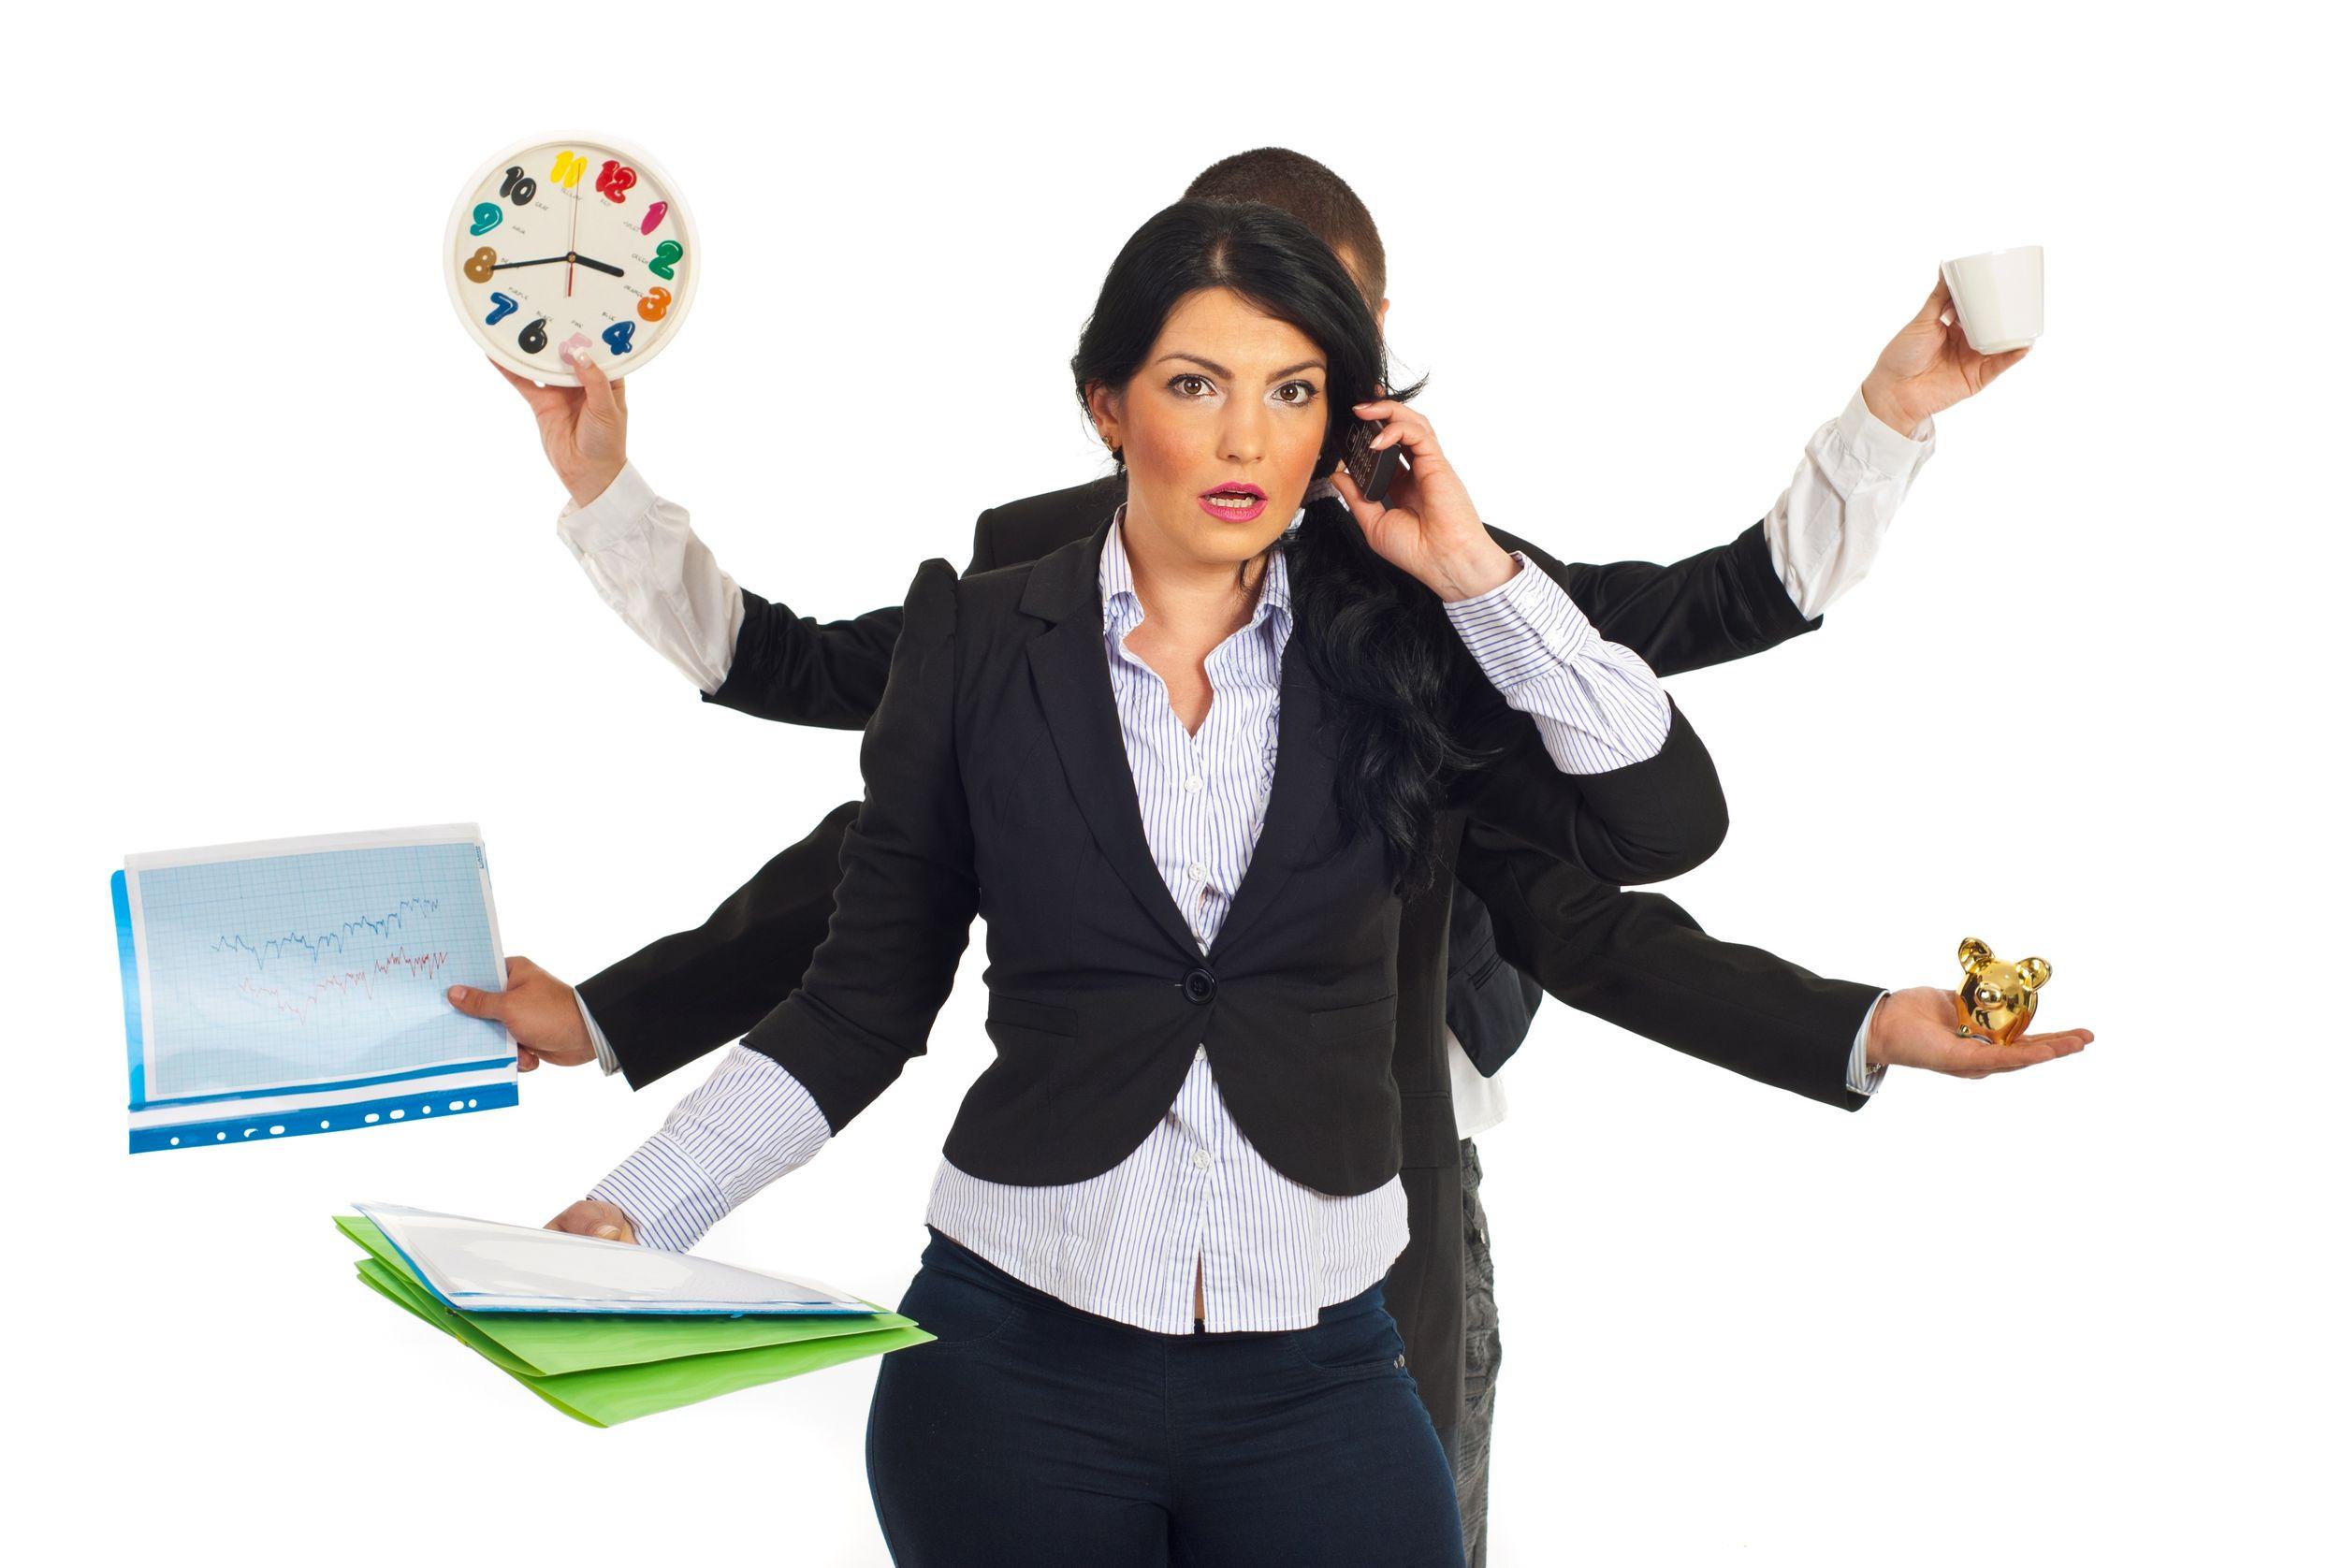 Прикольные картинки про бизнес вумен, про душу